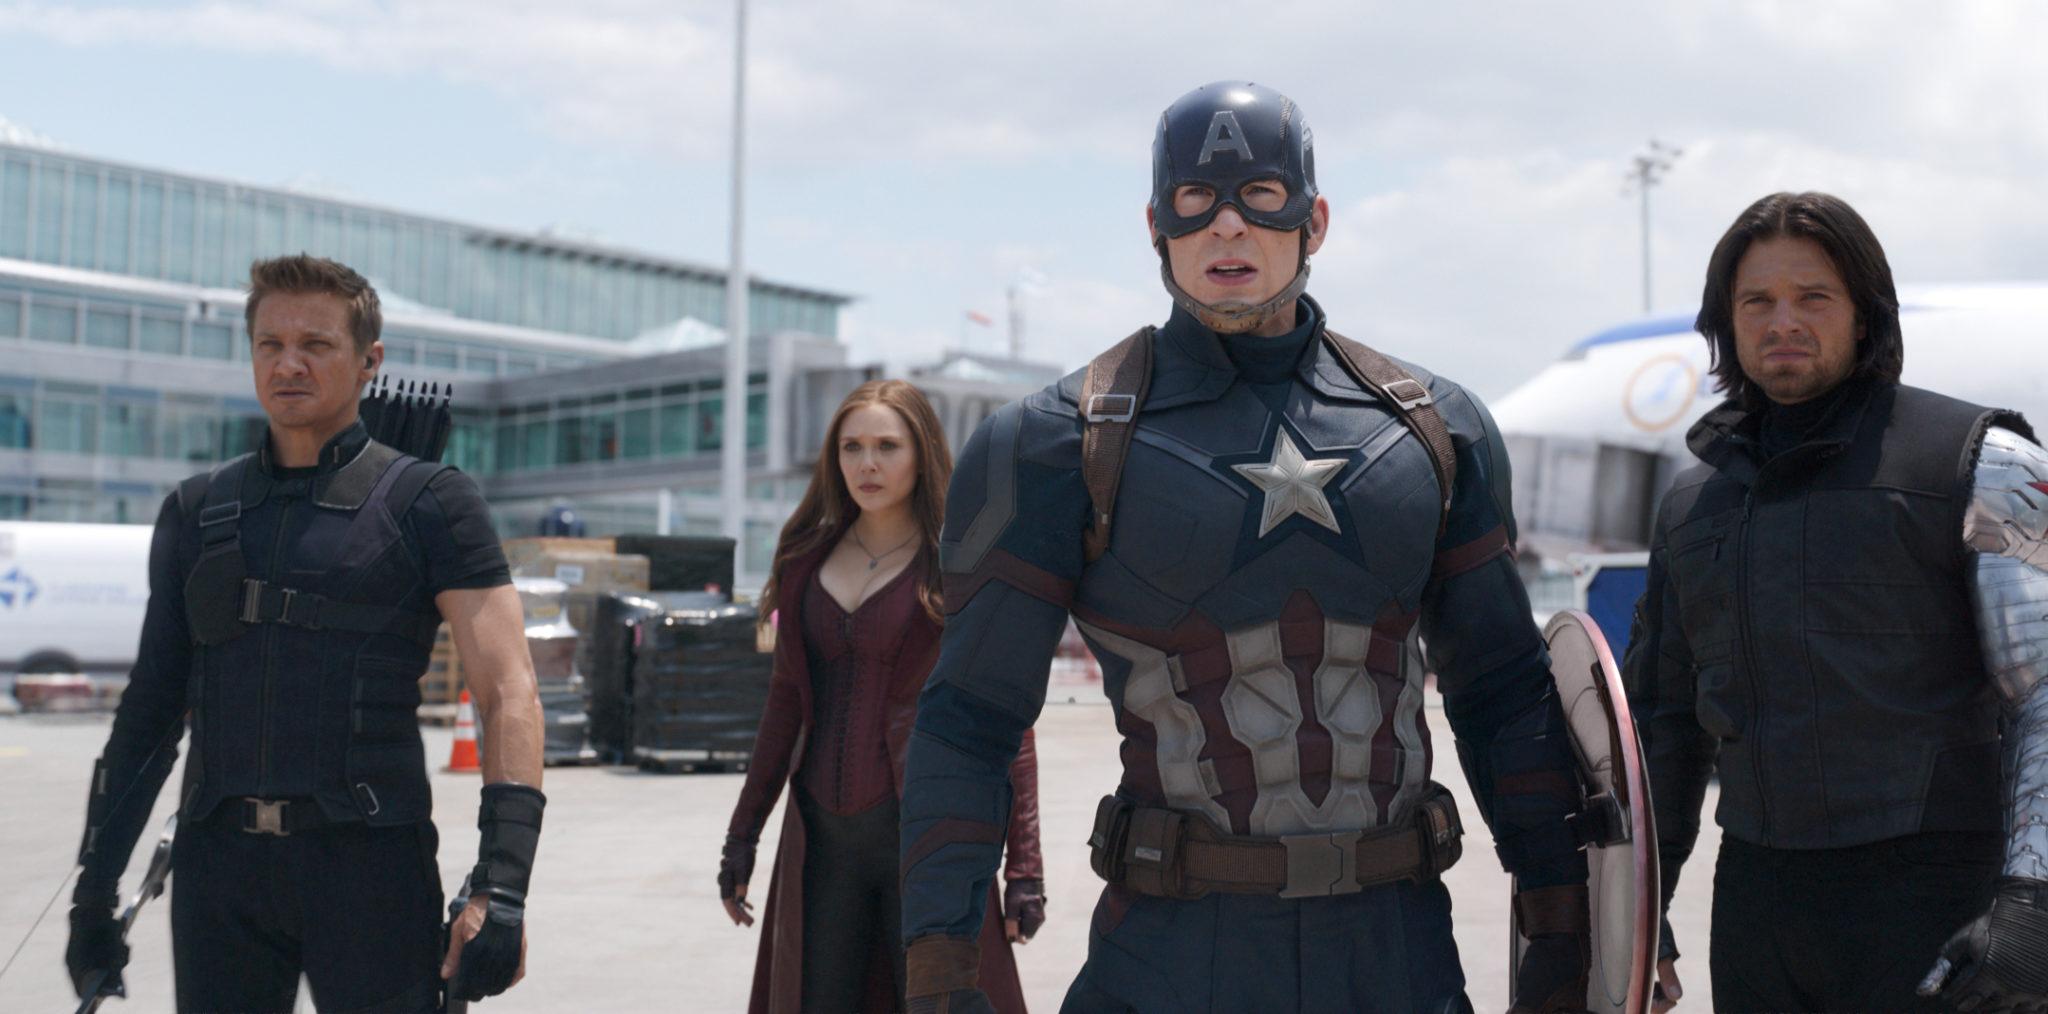 Marvel seriál Falcon & Winter Soldier prichádza s veľkými novinkami. Čo o ňom vieme?